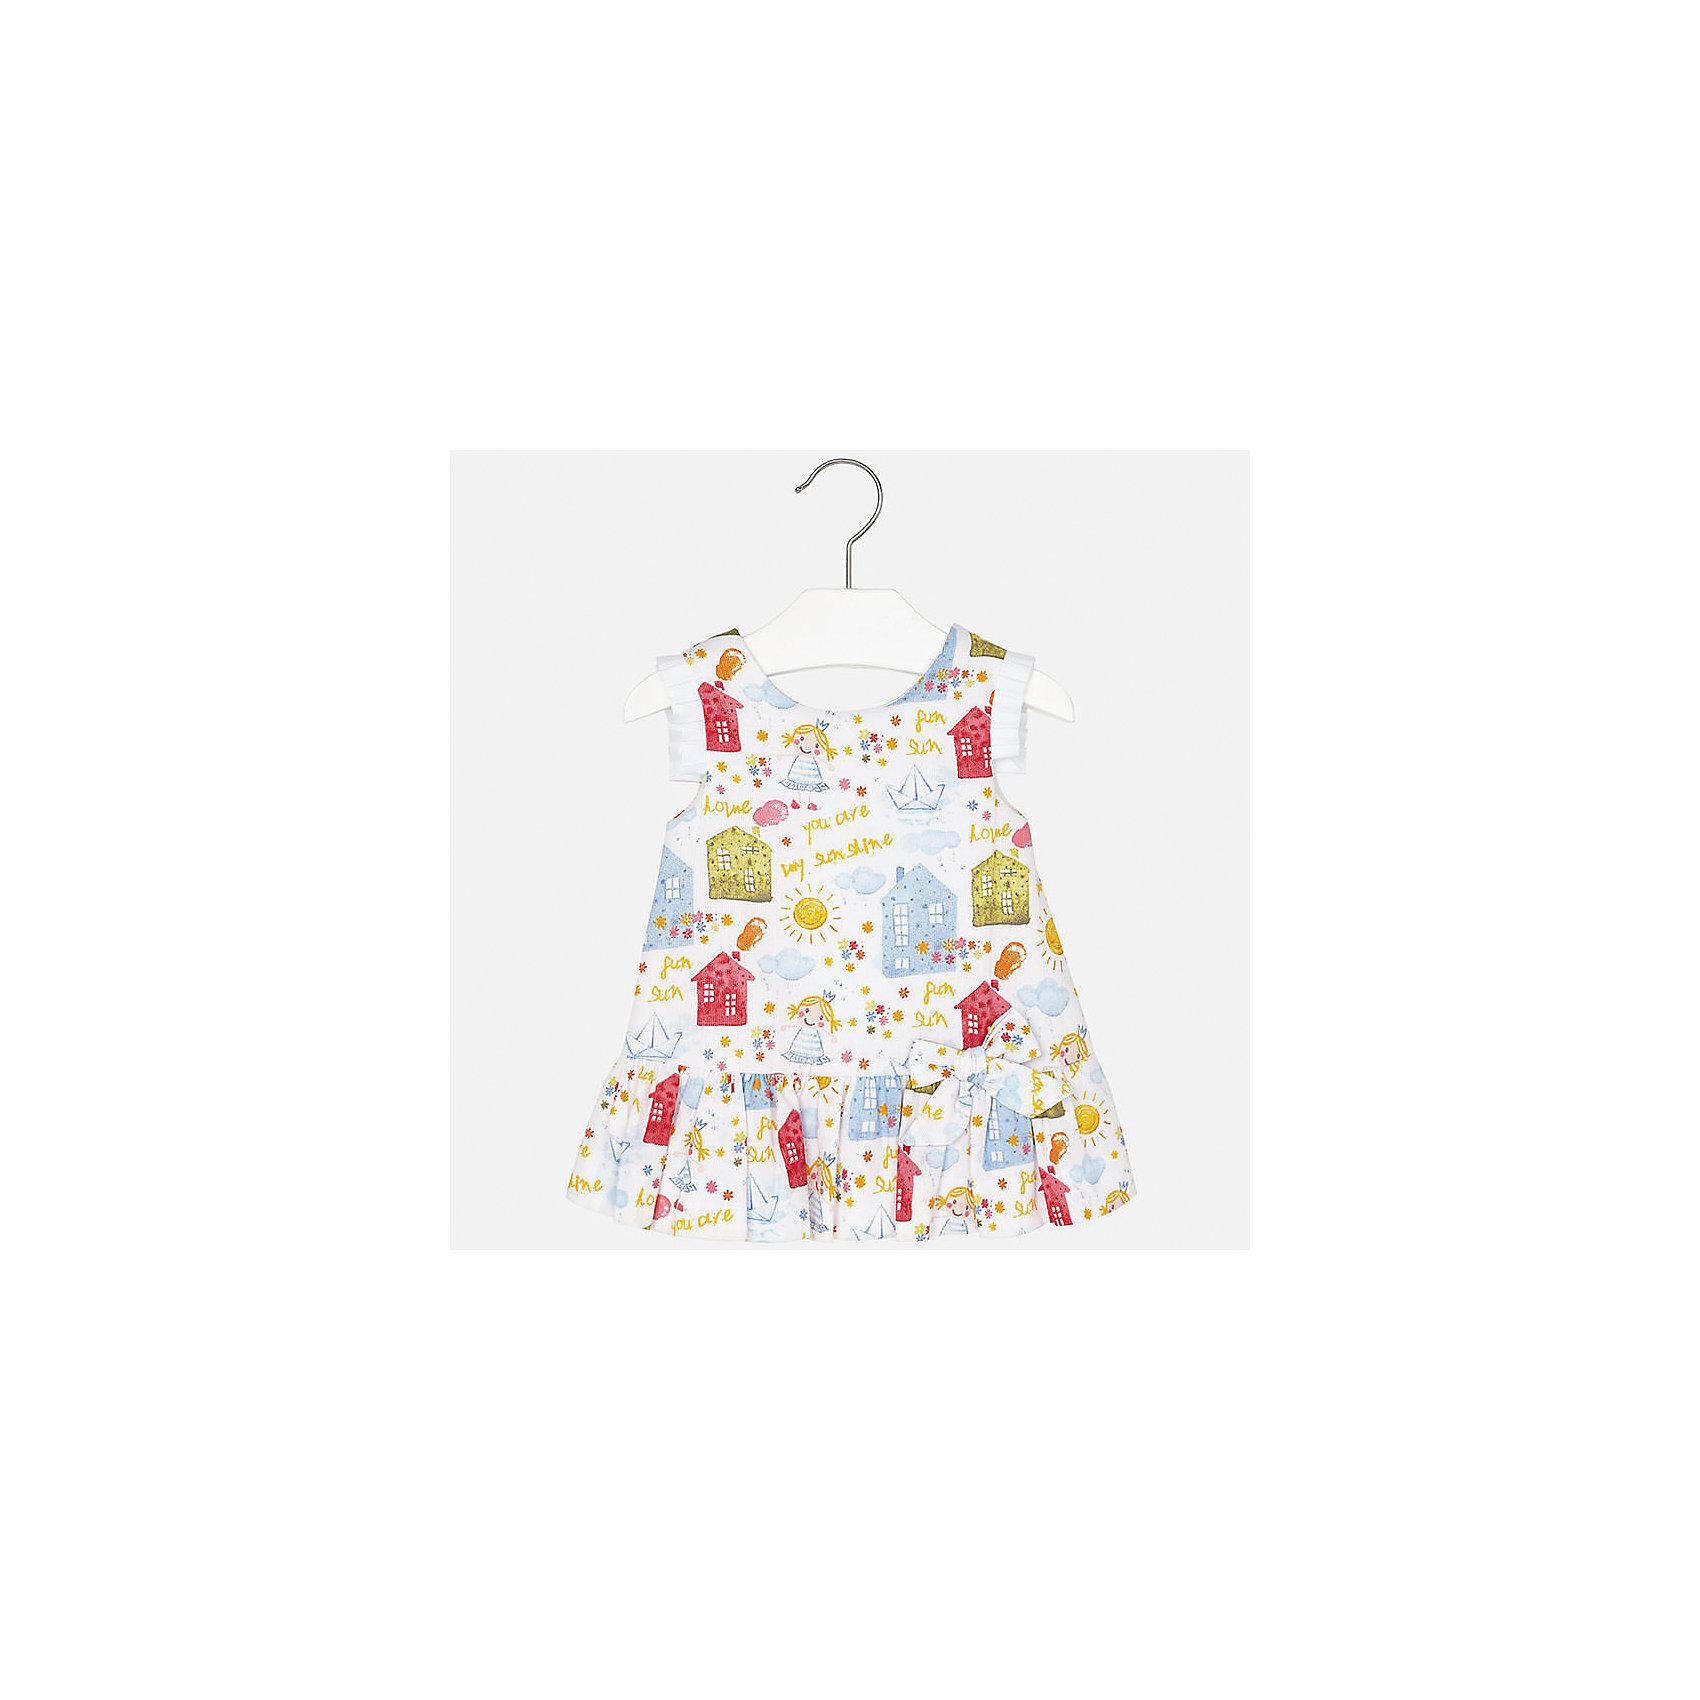 Платье для девочки MayoralПлатья<br>Характеристики товара:<br><br>• цвет: белый принт<br>• состав: 100% хлопок, подкладка - 50% полиэстер, 50% хлопок<br>• застежка: молния<br>• легкий материал<br>• оборки на рукавах<br>• плиссированный низ<br>• с подкладкой<br>• принт<br>• страна бренда: Испания<br><br>Красивое легкое платье для девочки поможет разнообразить гардероб ребенка и создать эффектный наряд. Оно подойдет и для торжественных случаев, может быть и как ежедневный наряд. Красивый оттенок позволяет подобрать к вещи обувь разных расцветок. В составе материала подкладки - натуральный хлопок, гипоаллергенный, приятный на ощупь, дышащий. Платье хорошо сидит по фигуре.<br><br>Одежда, обувь и аксессуары от испанского бренда Mayoral полюбились детям и взрослым по всему миру. Модели этой марки - стильные и удобные. Для их производства используются только безопасные, качественные материалы и фурнитура. Порадуйте ребенка модными и красивыми вещами от Mayoral! <br><br>Платье для девочки от испанского бренда Mayoral (Майорал) можно купить в нашем интернет-магазине.<br><br>Ширина мм: 236<br>Глубина мм: 16<br>Высота мм: 184<br>Вес г: 177<br>Цвет: голубой<br>Возраст от месяцев: 6<br>Возраст до месяцев: 9<br>Пол: Женский<br>Возраст: Детский<br>Размер: 74,92,80,86<br>SKU: 5289223